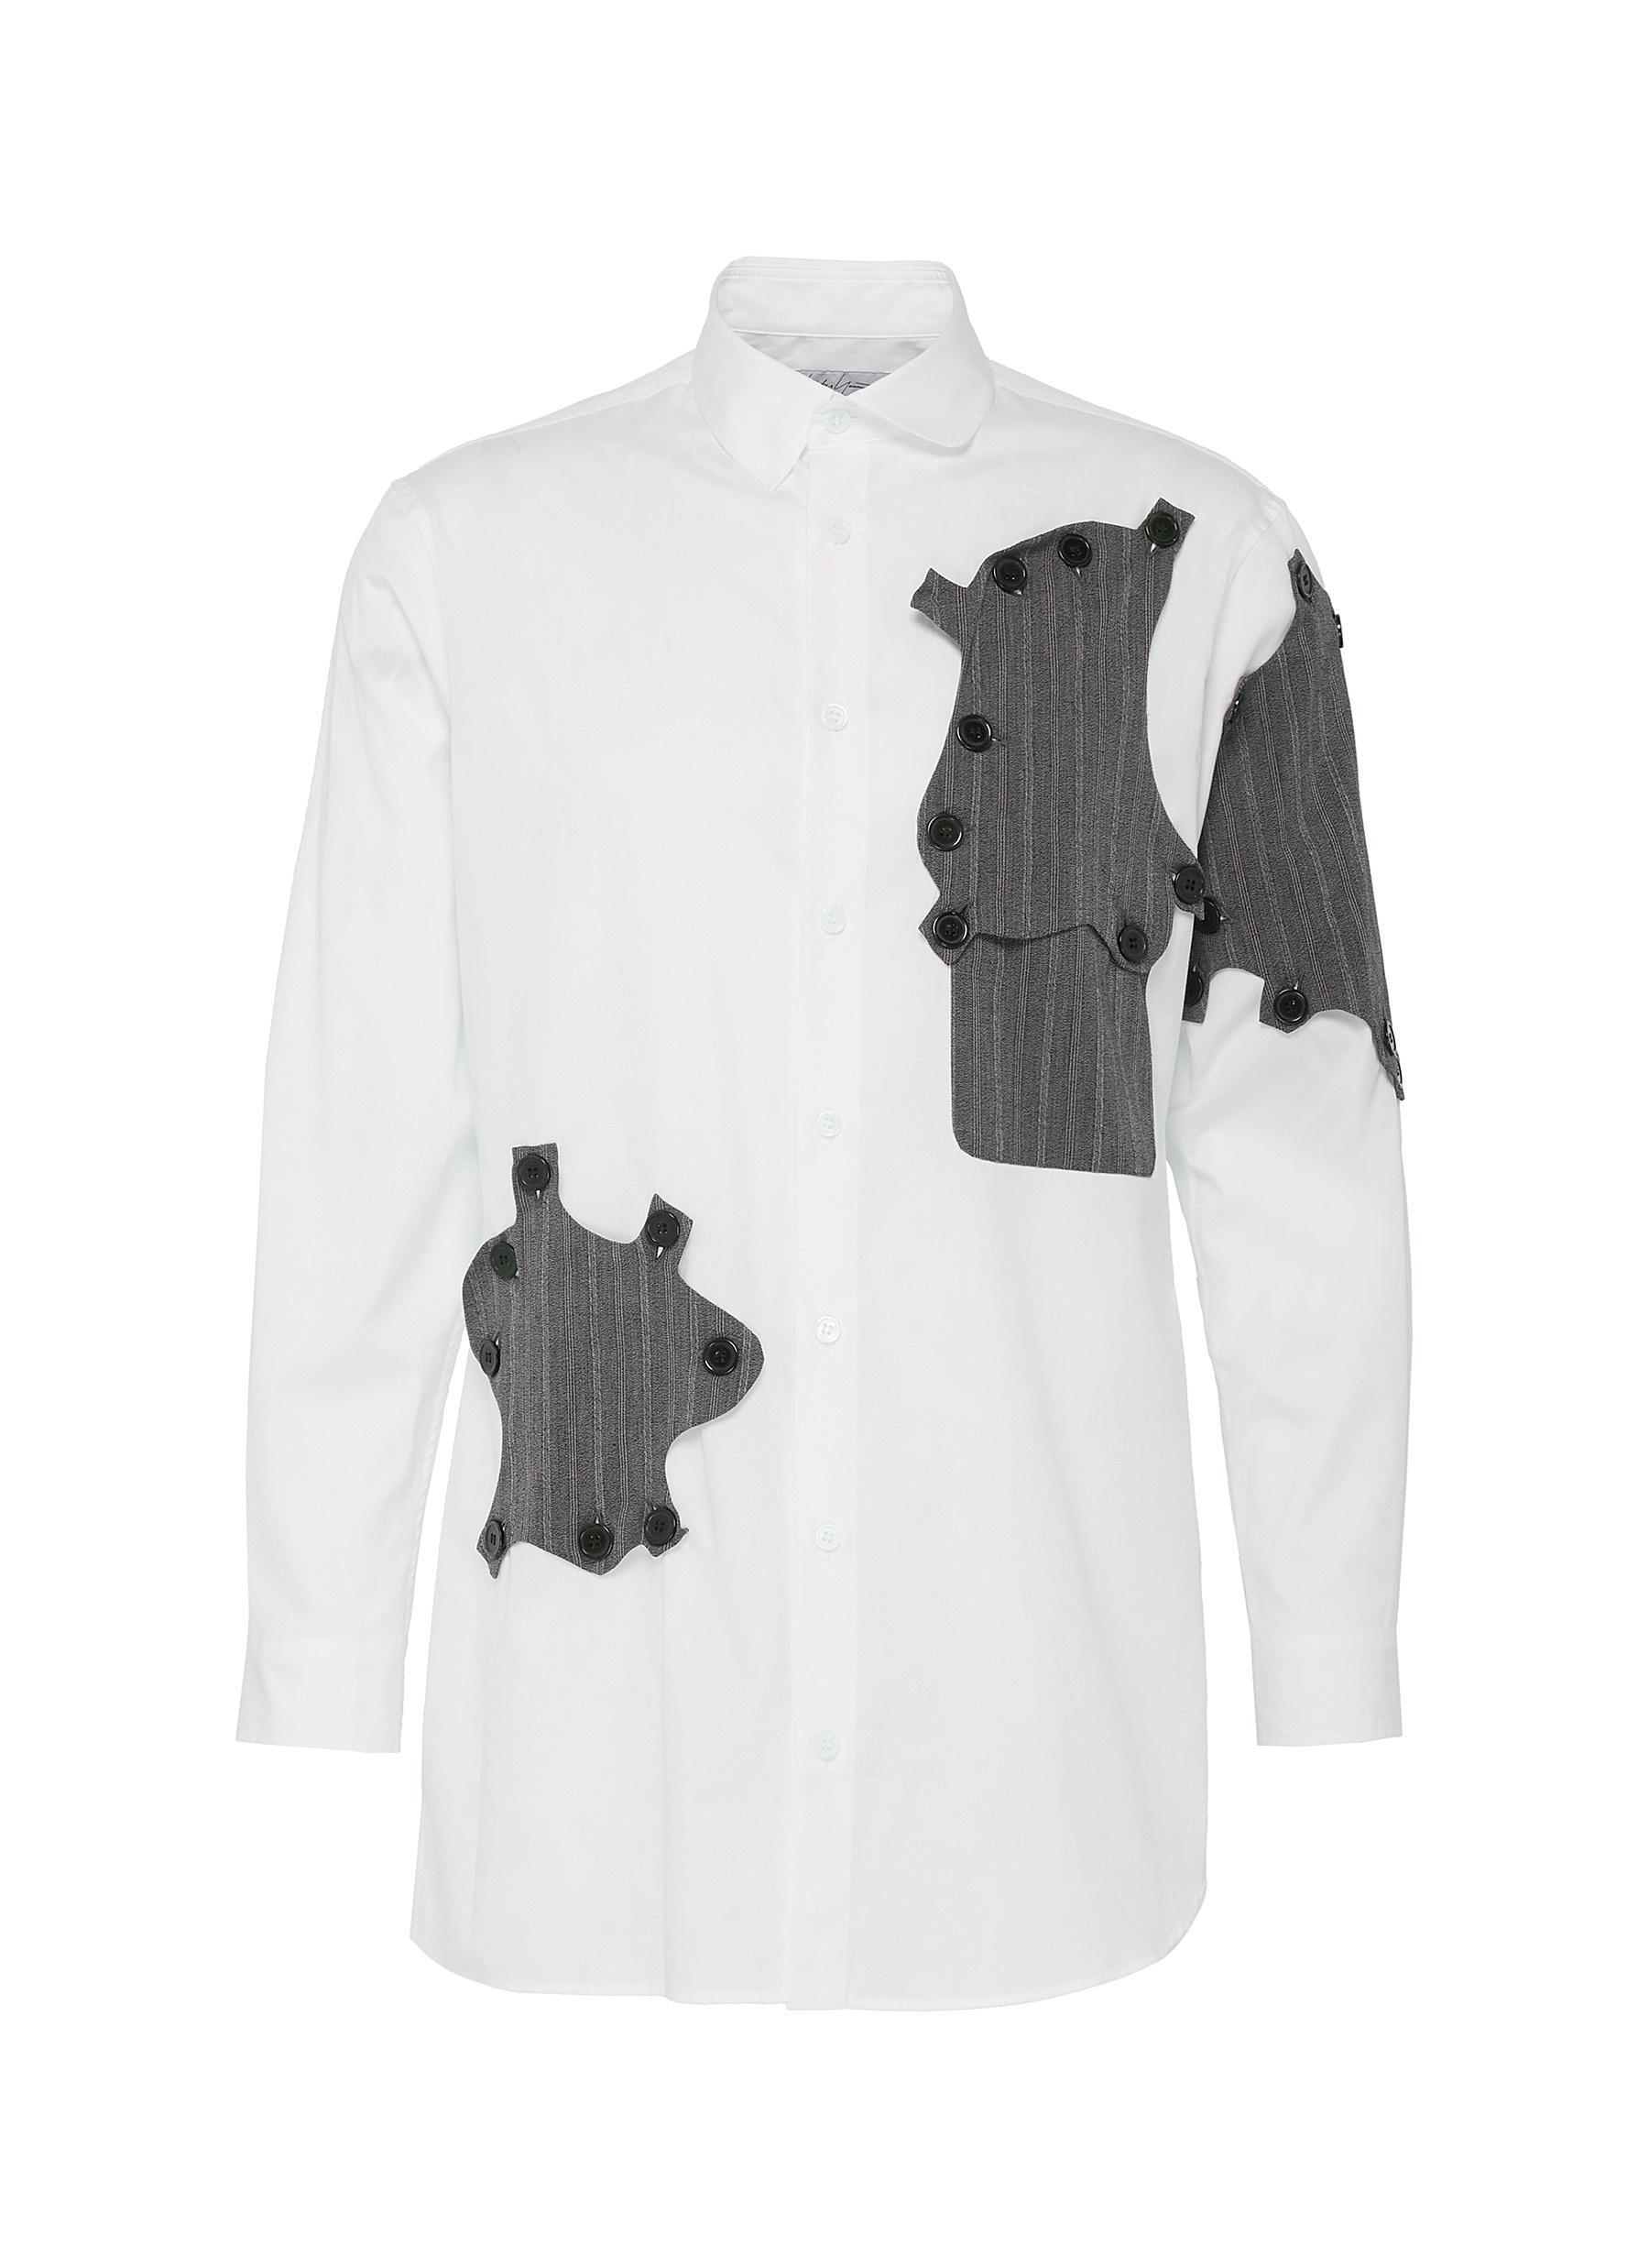 Yohji Yamamoto Shirts BUTTON PATCH SHIRT